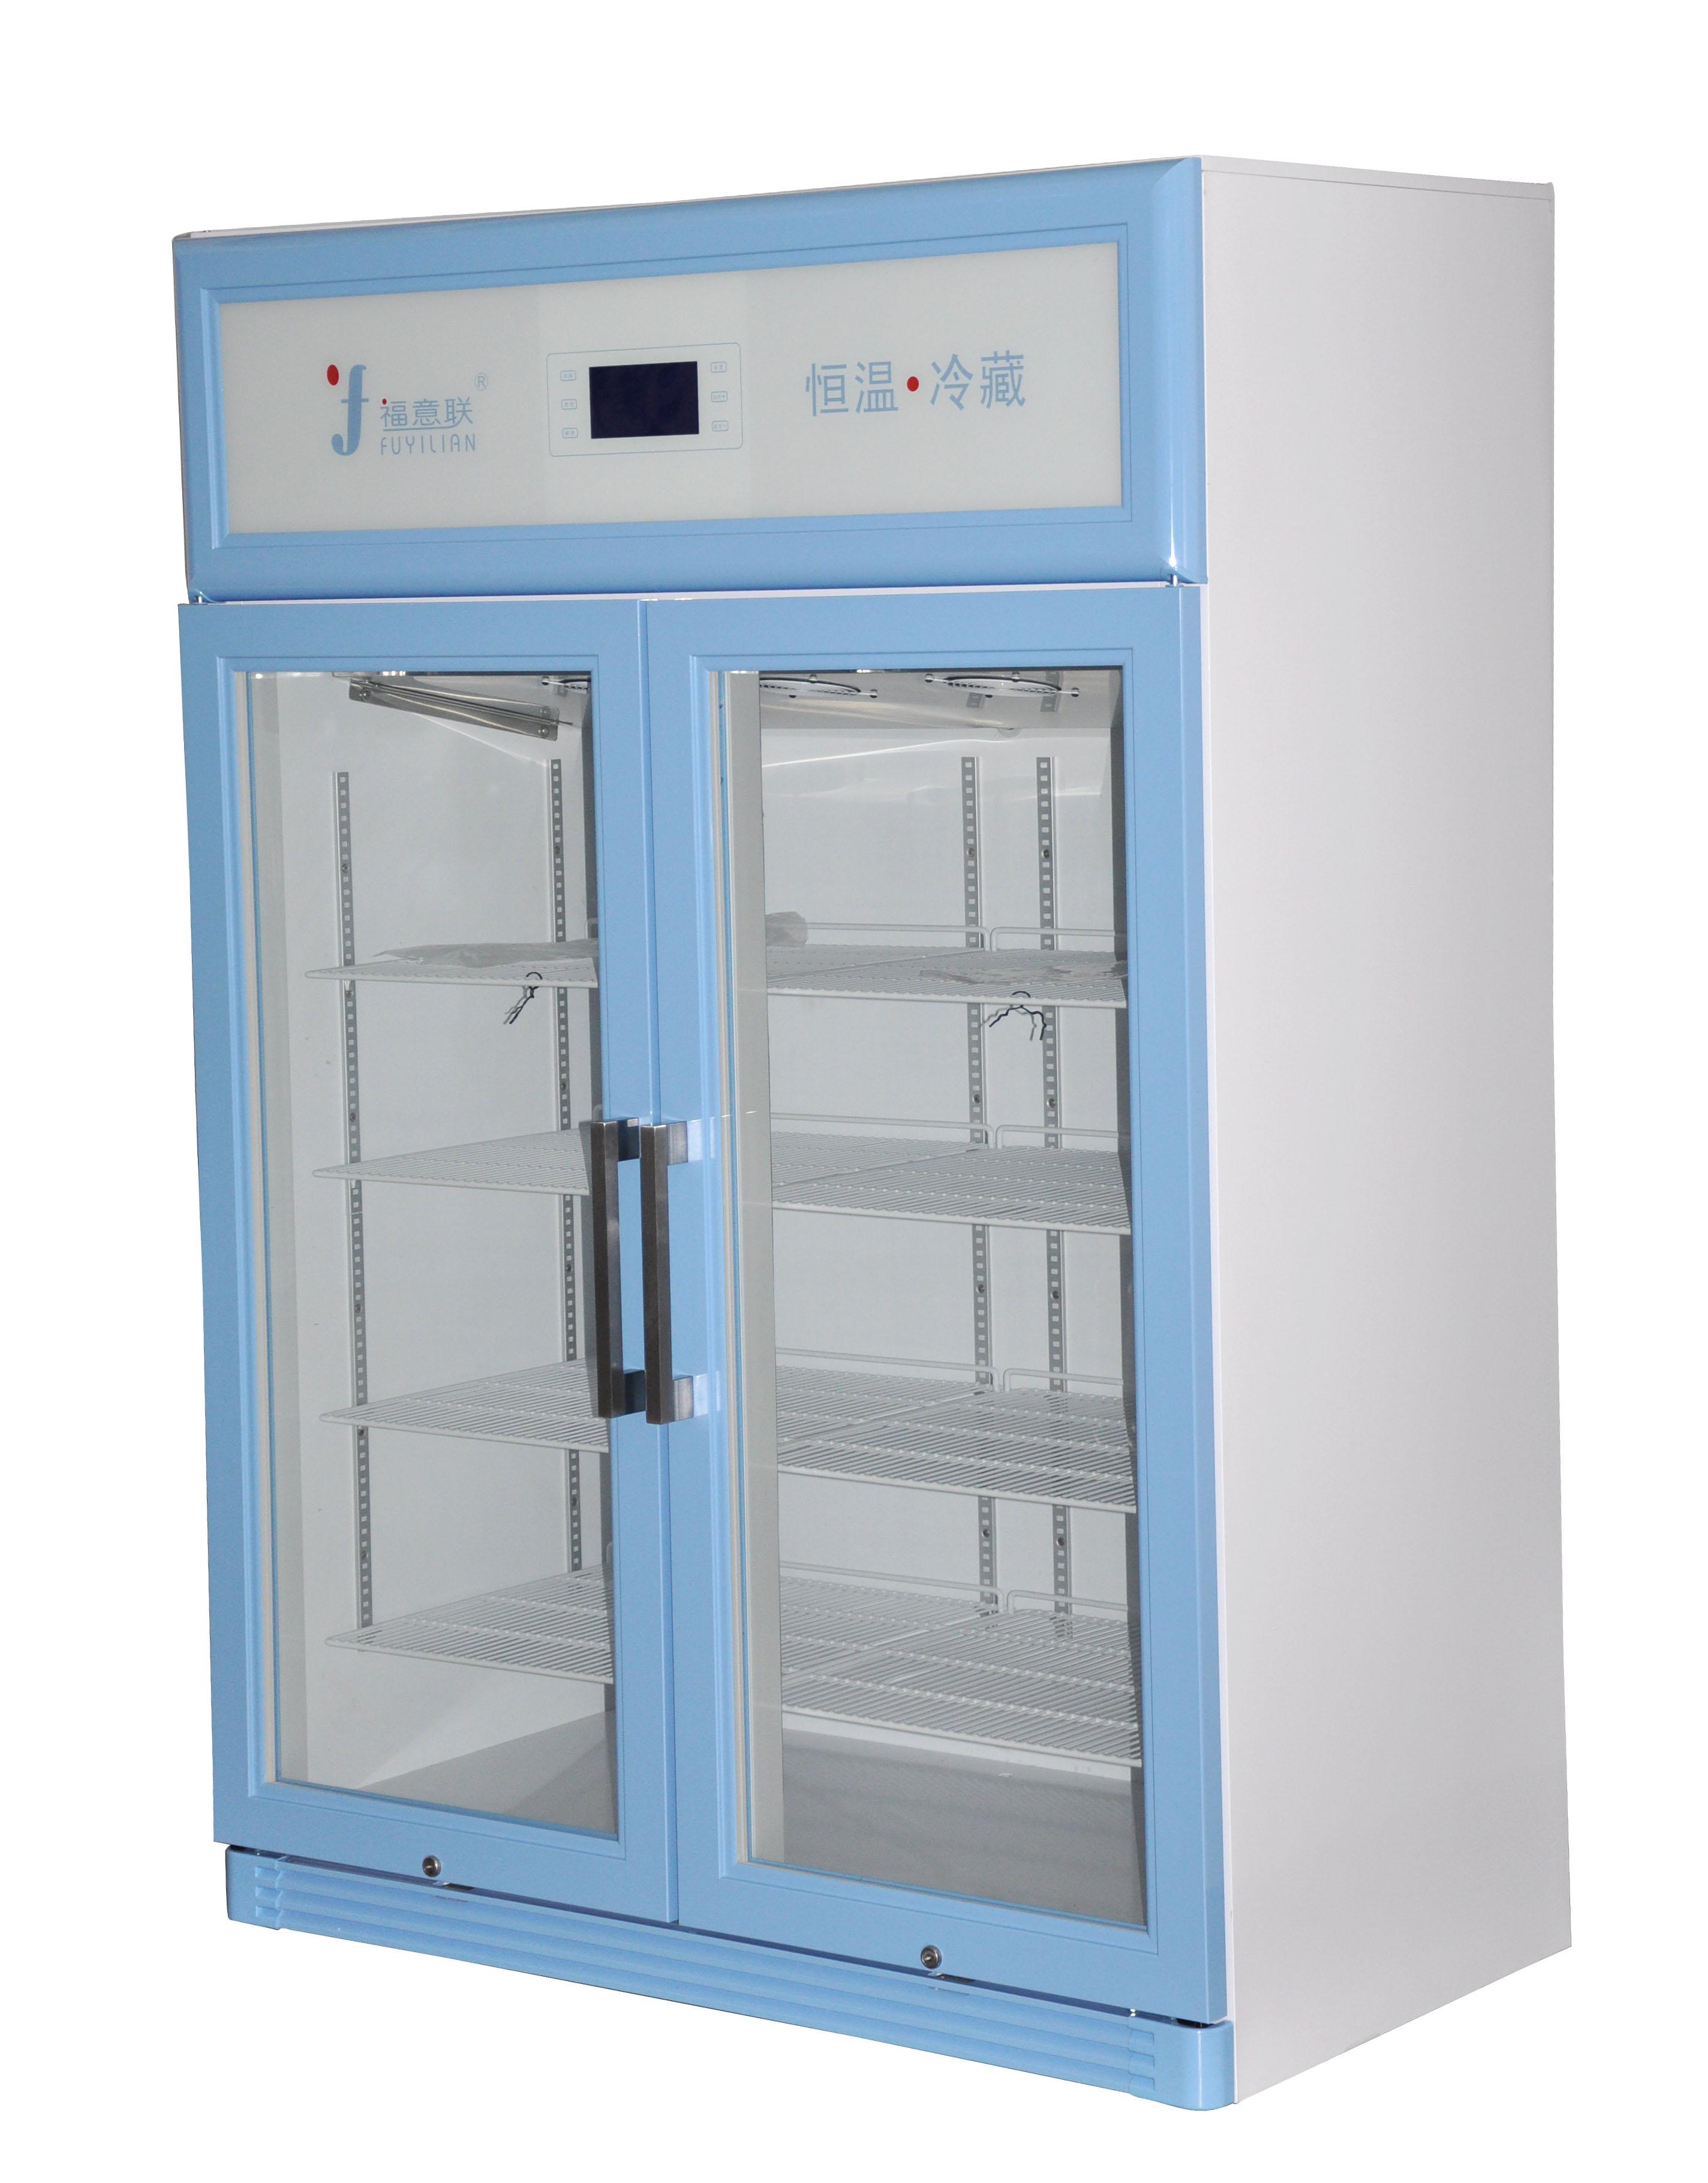 gsp认证冷冰柜药用恒温冷藏展示柜冰箱药品冷藏柜医药柜医...